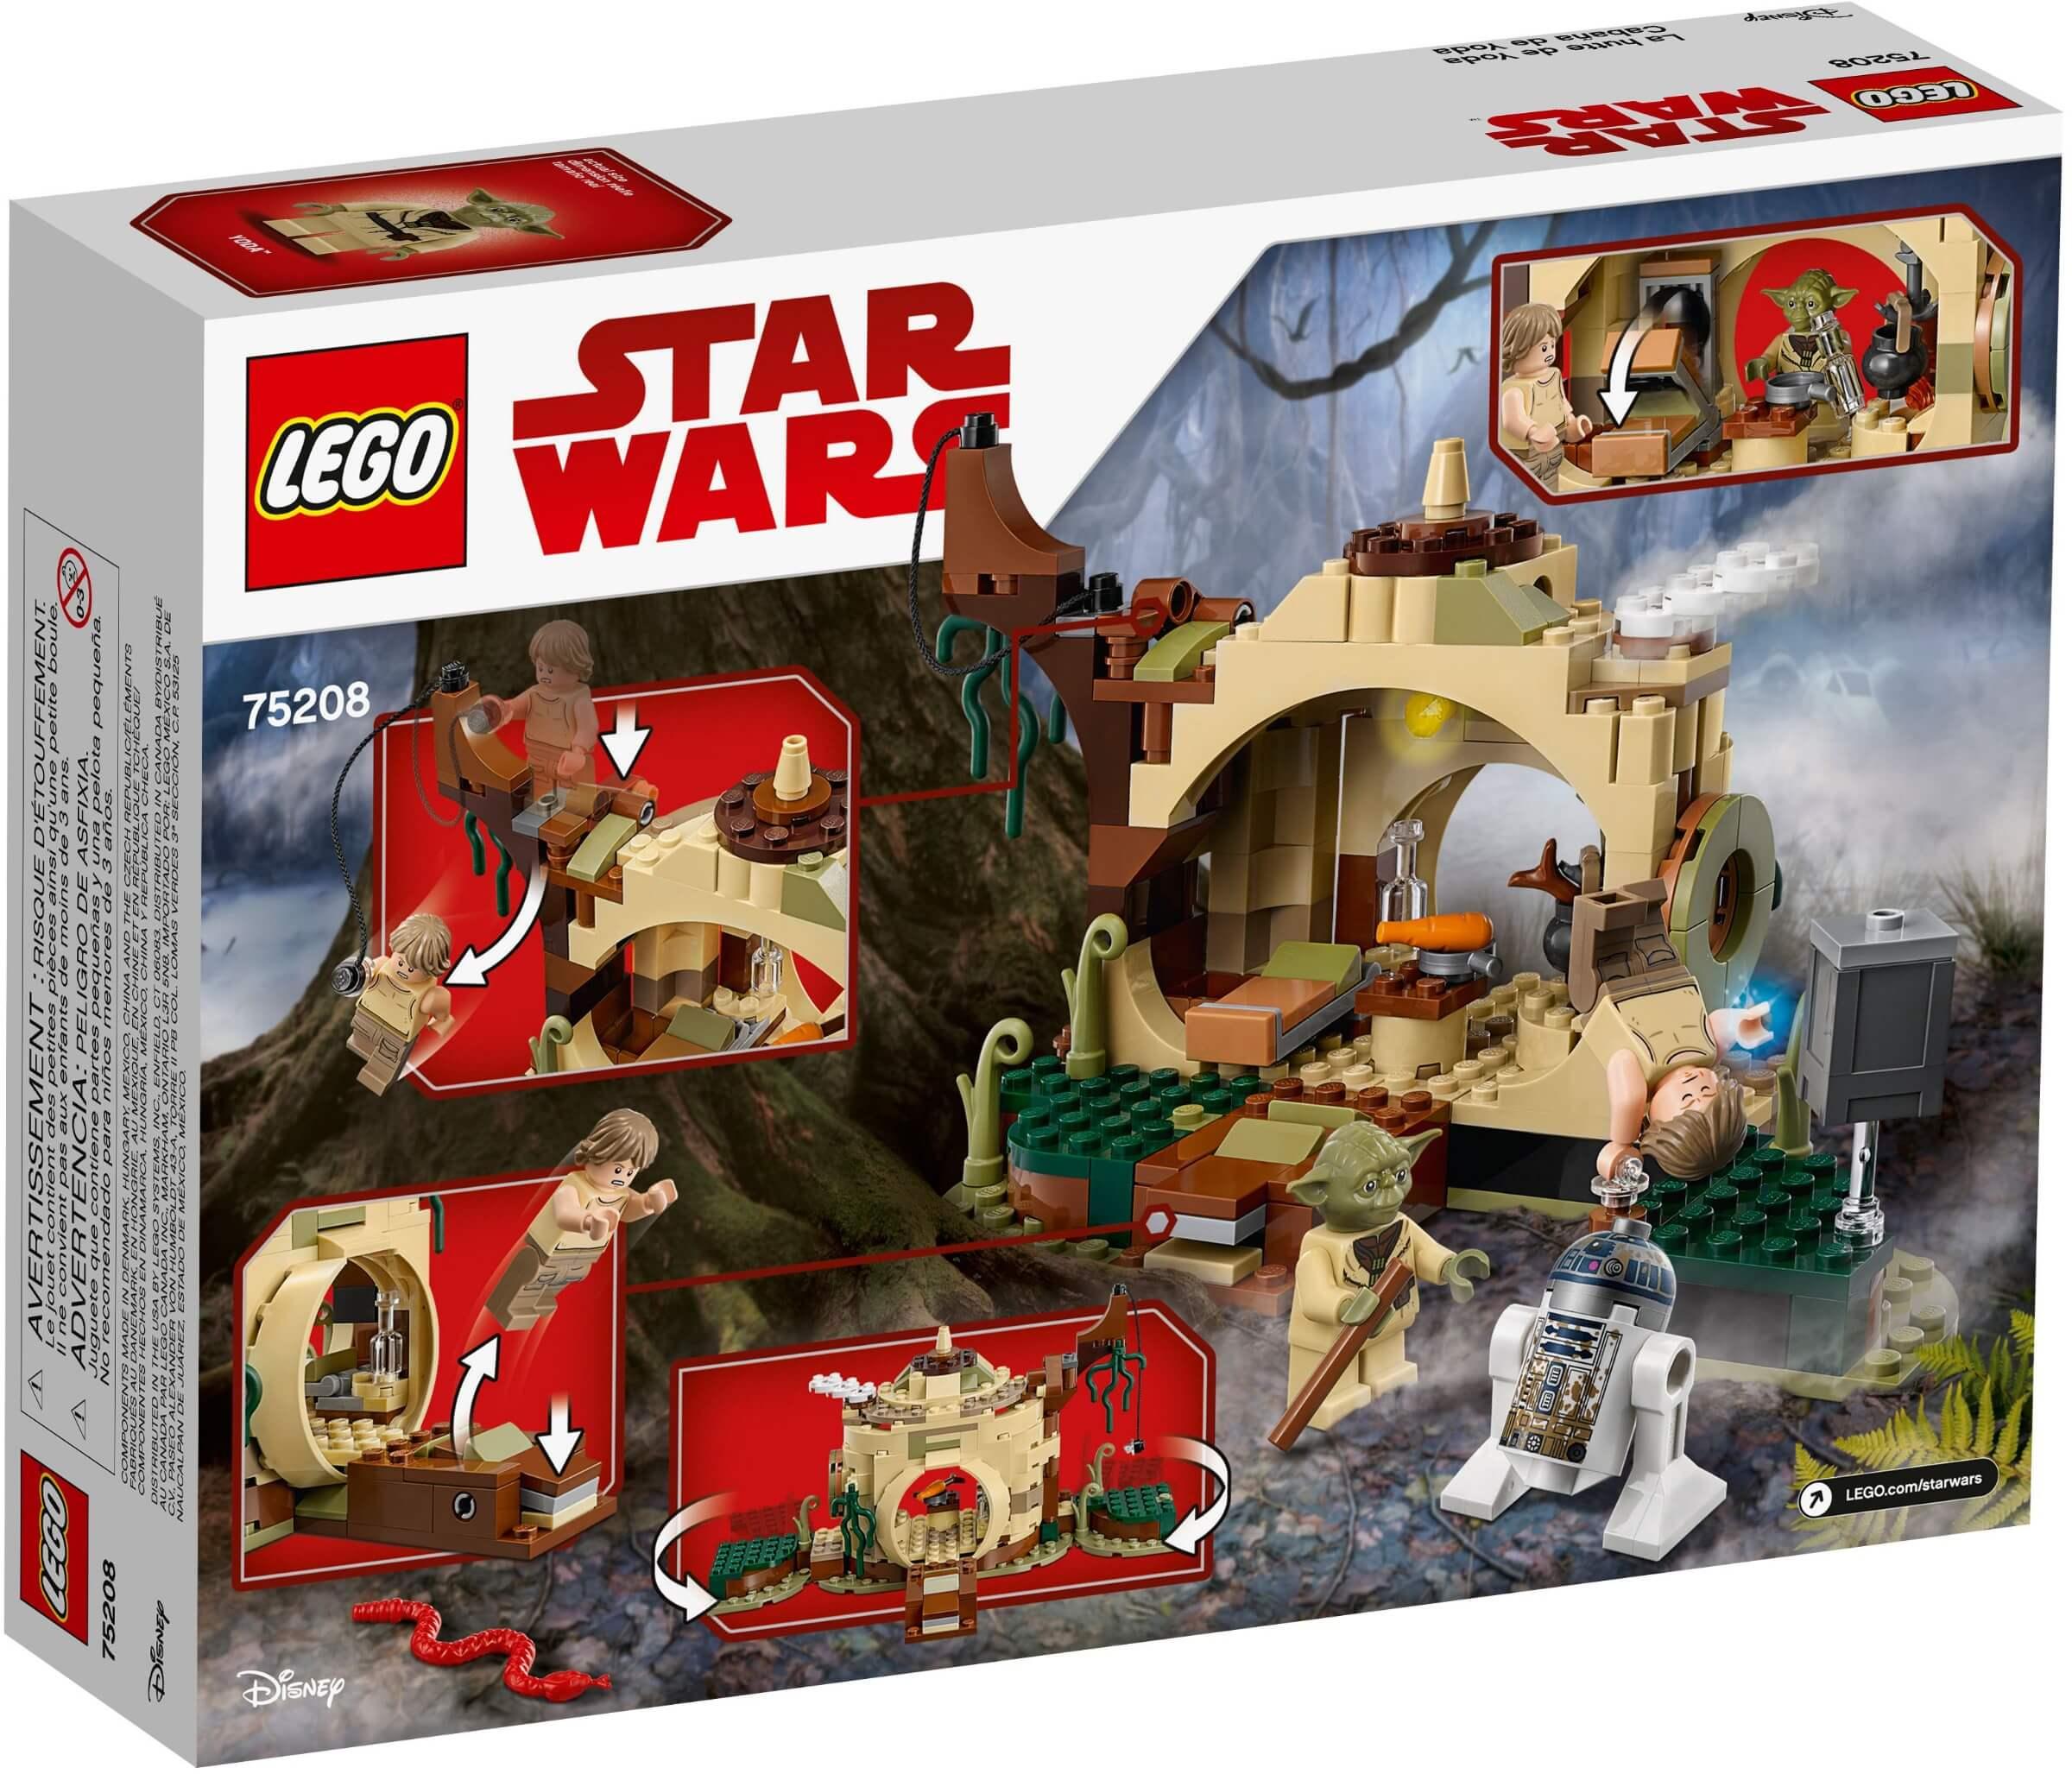 Mua đồ chơi LEGO 75208 - LEGO Star Wars 75208 - Sư Phụ Yoda và Luke Skywalker (LEGO 75208 Yoda's Hut)